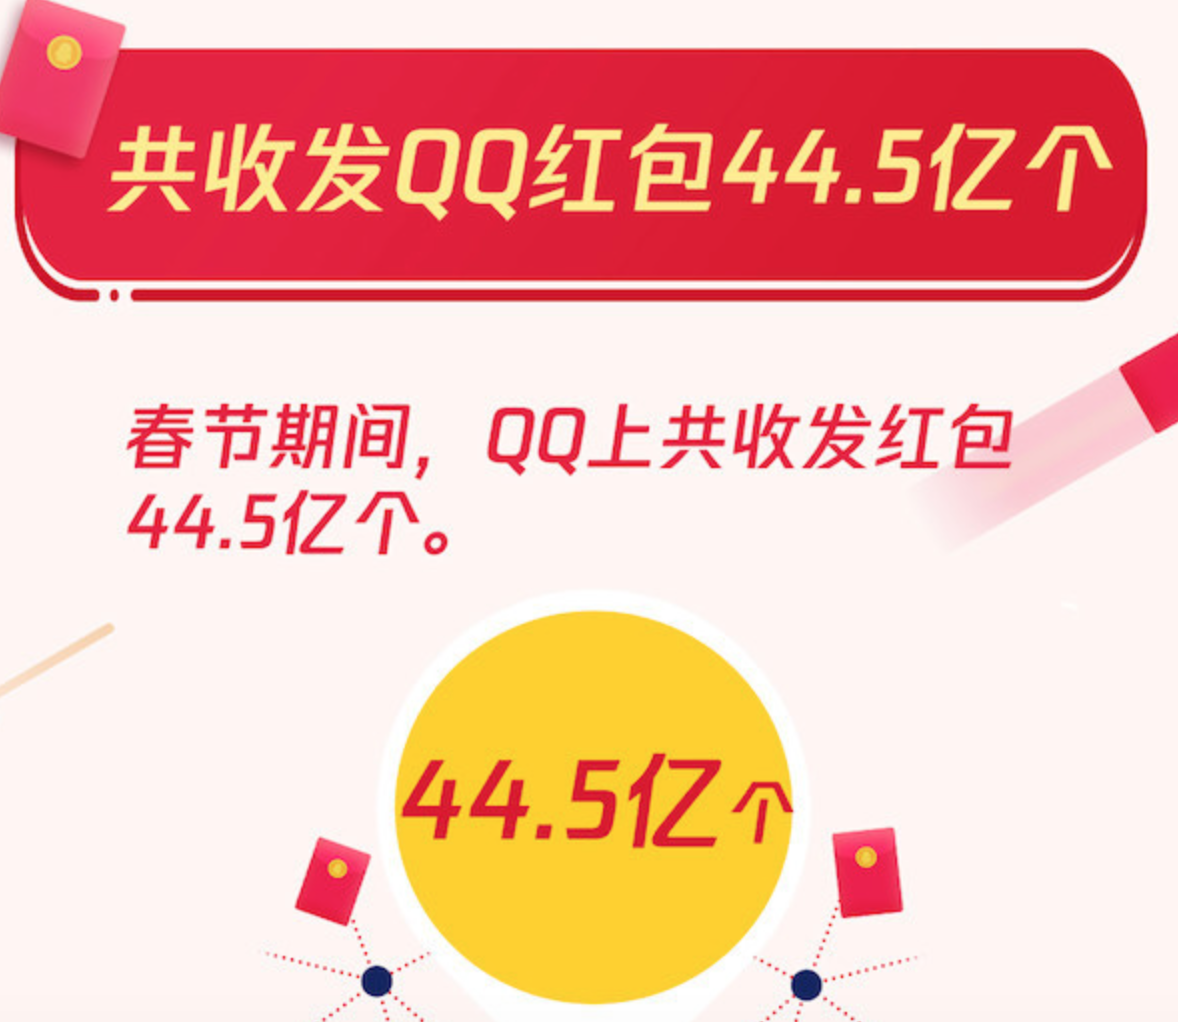 腾讯QQ:春节期间共收发红包44.5亿个,个人红包00后占比近四成